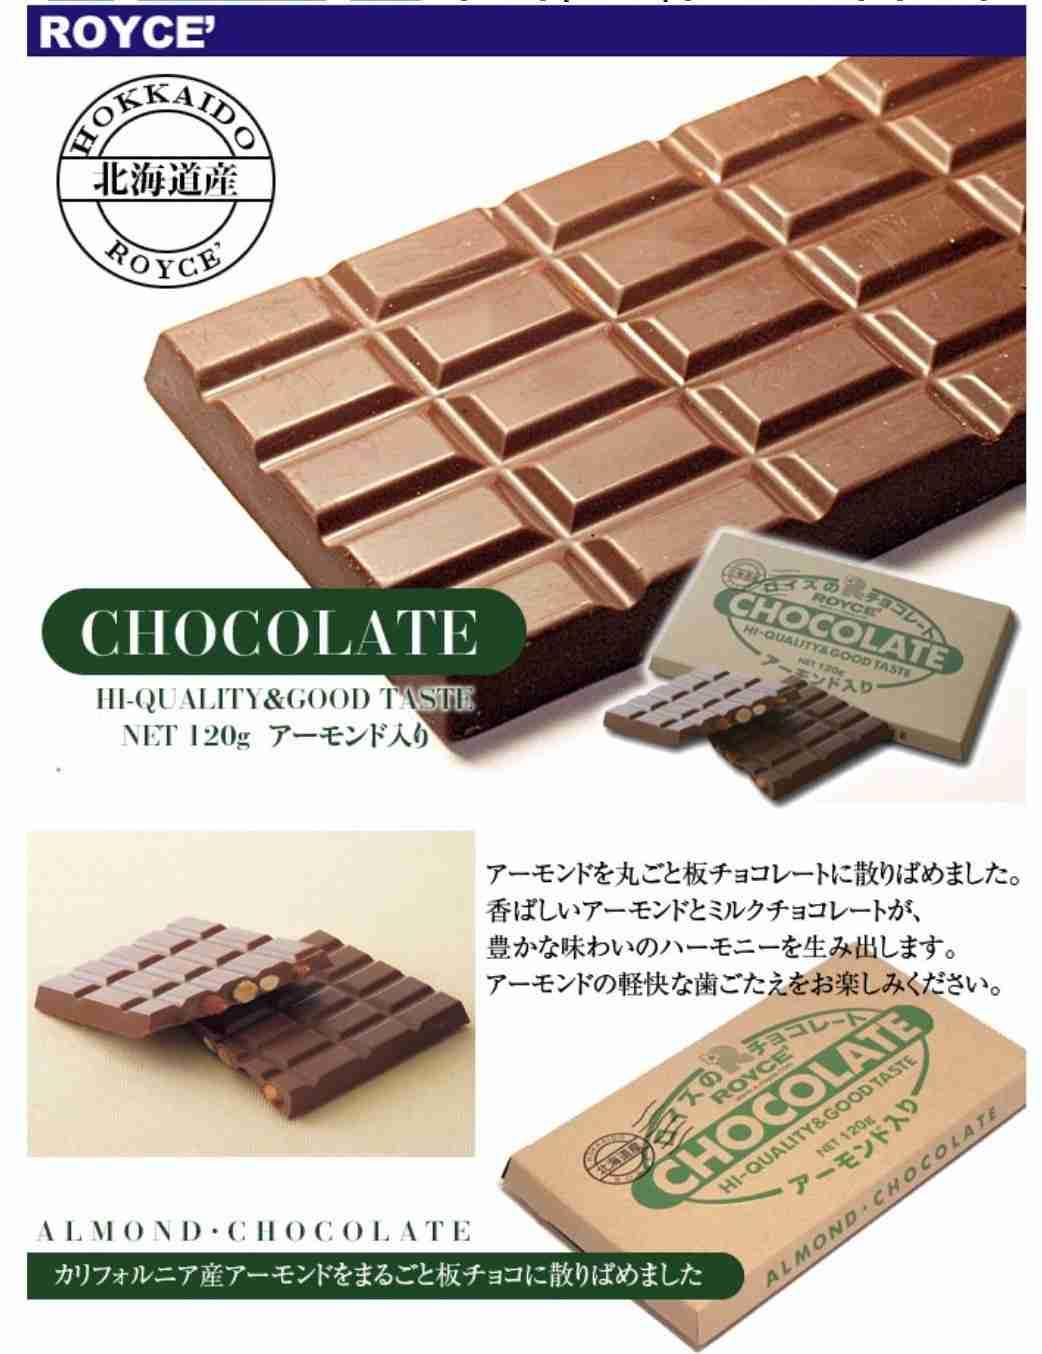 好きな板チョコは?